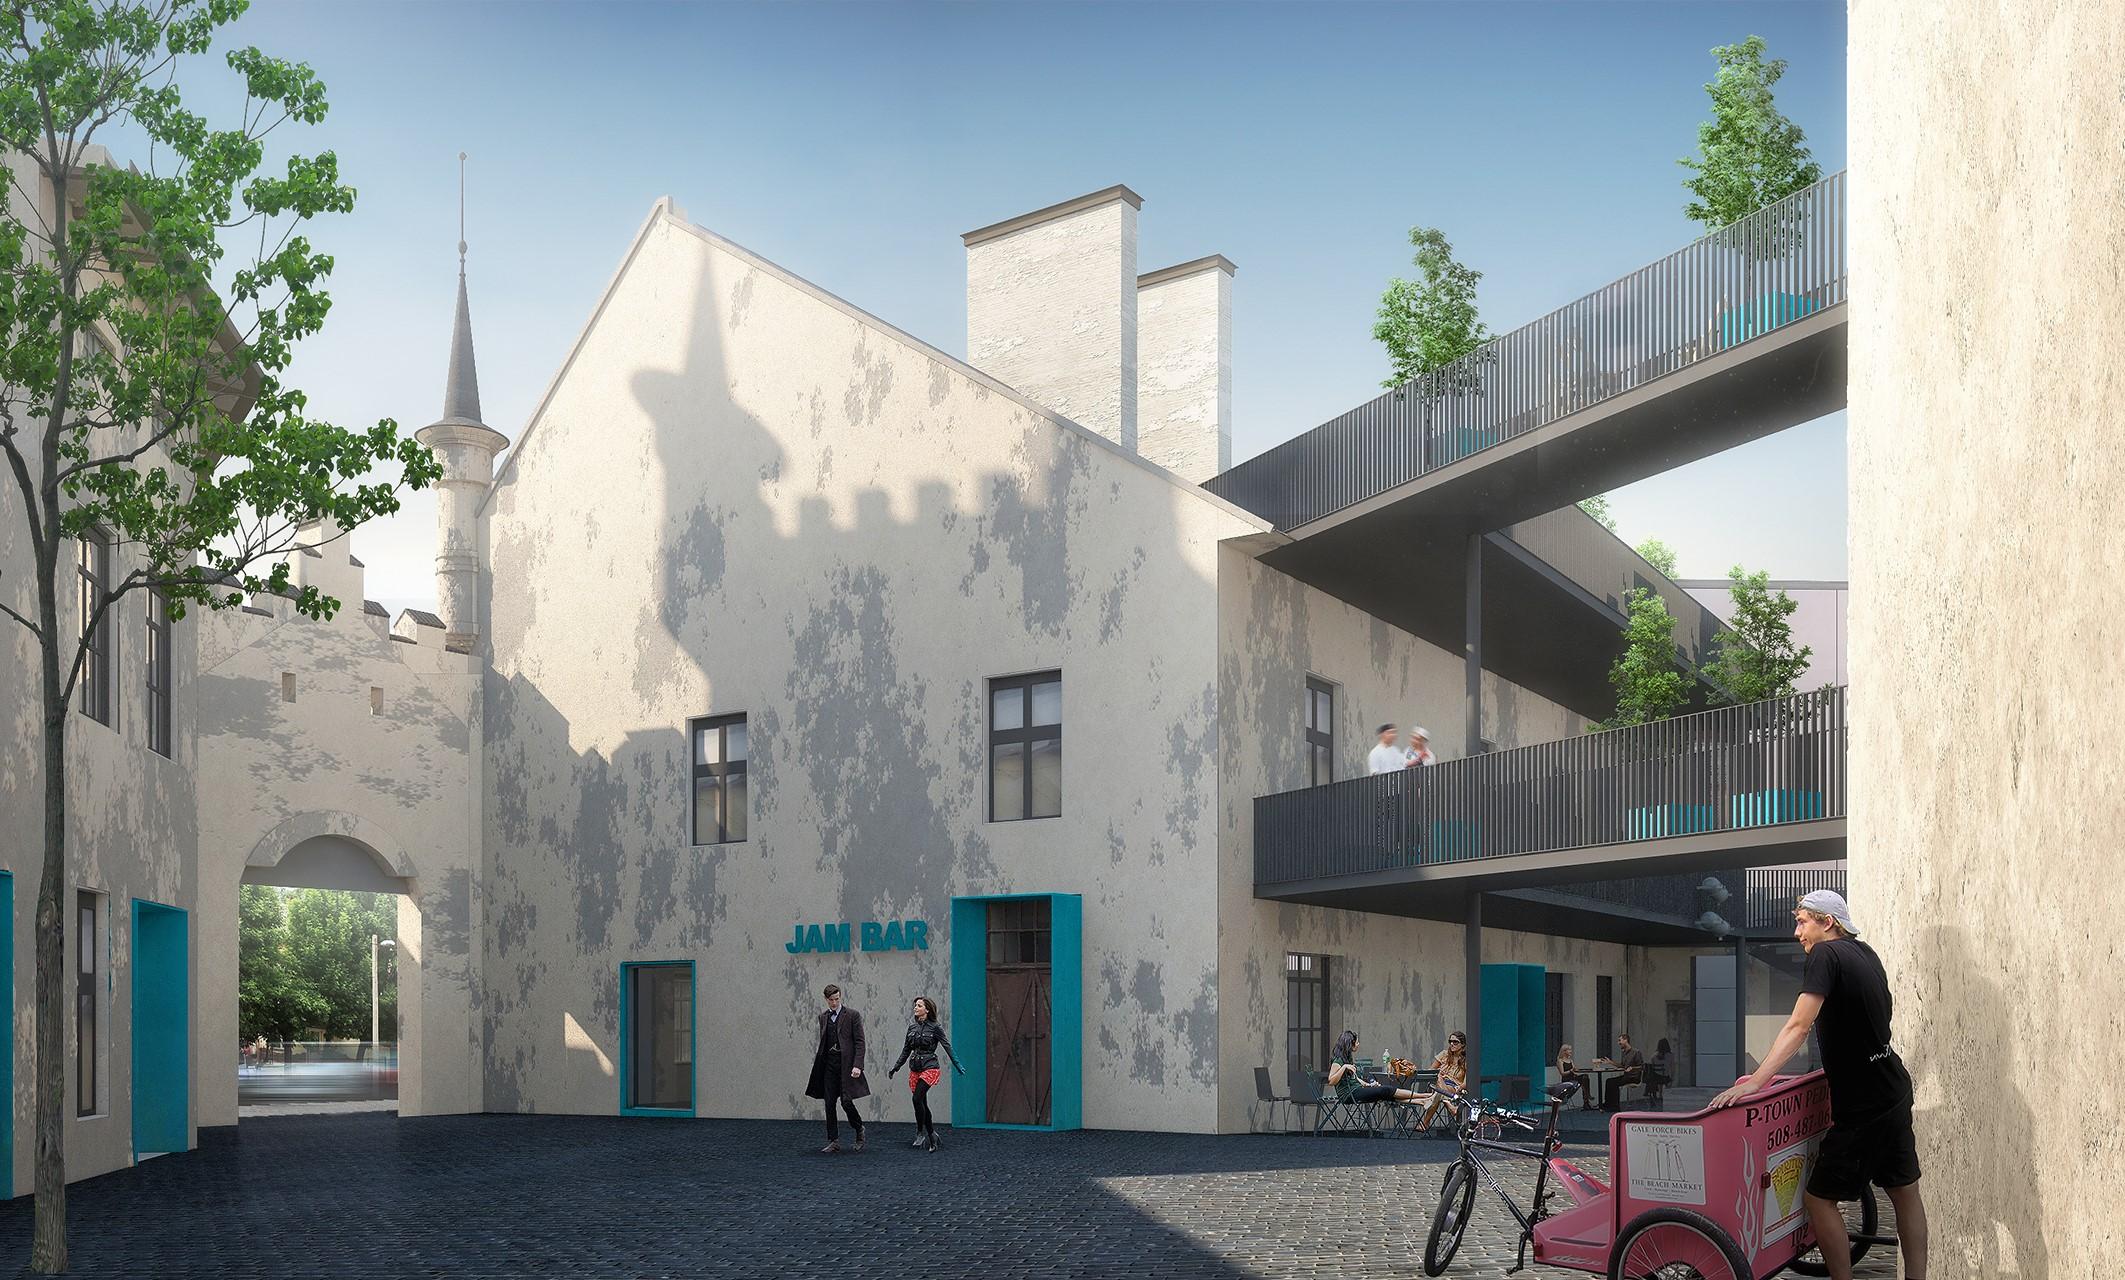 Культурний центр Jam Factory, спроектированный Дроздовым, фото: Drozdov&Partners